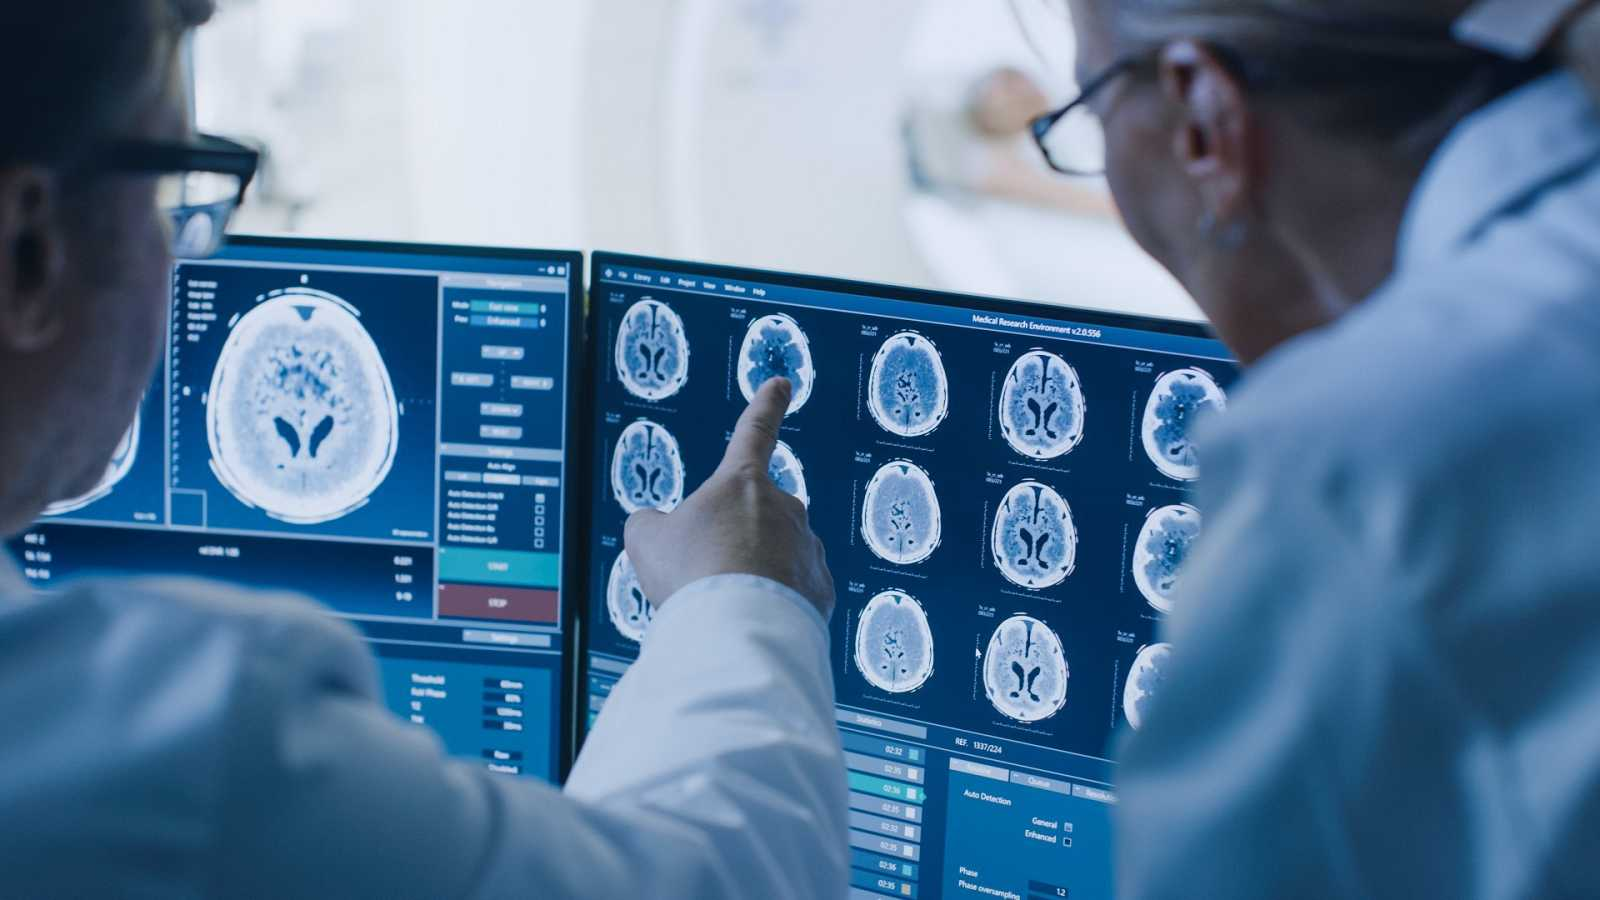 Un equipo de investigadores halla una terapia que mejoraría la supervivencia de pacientes con tumor cerebral